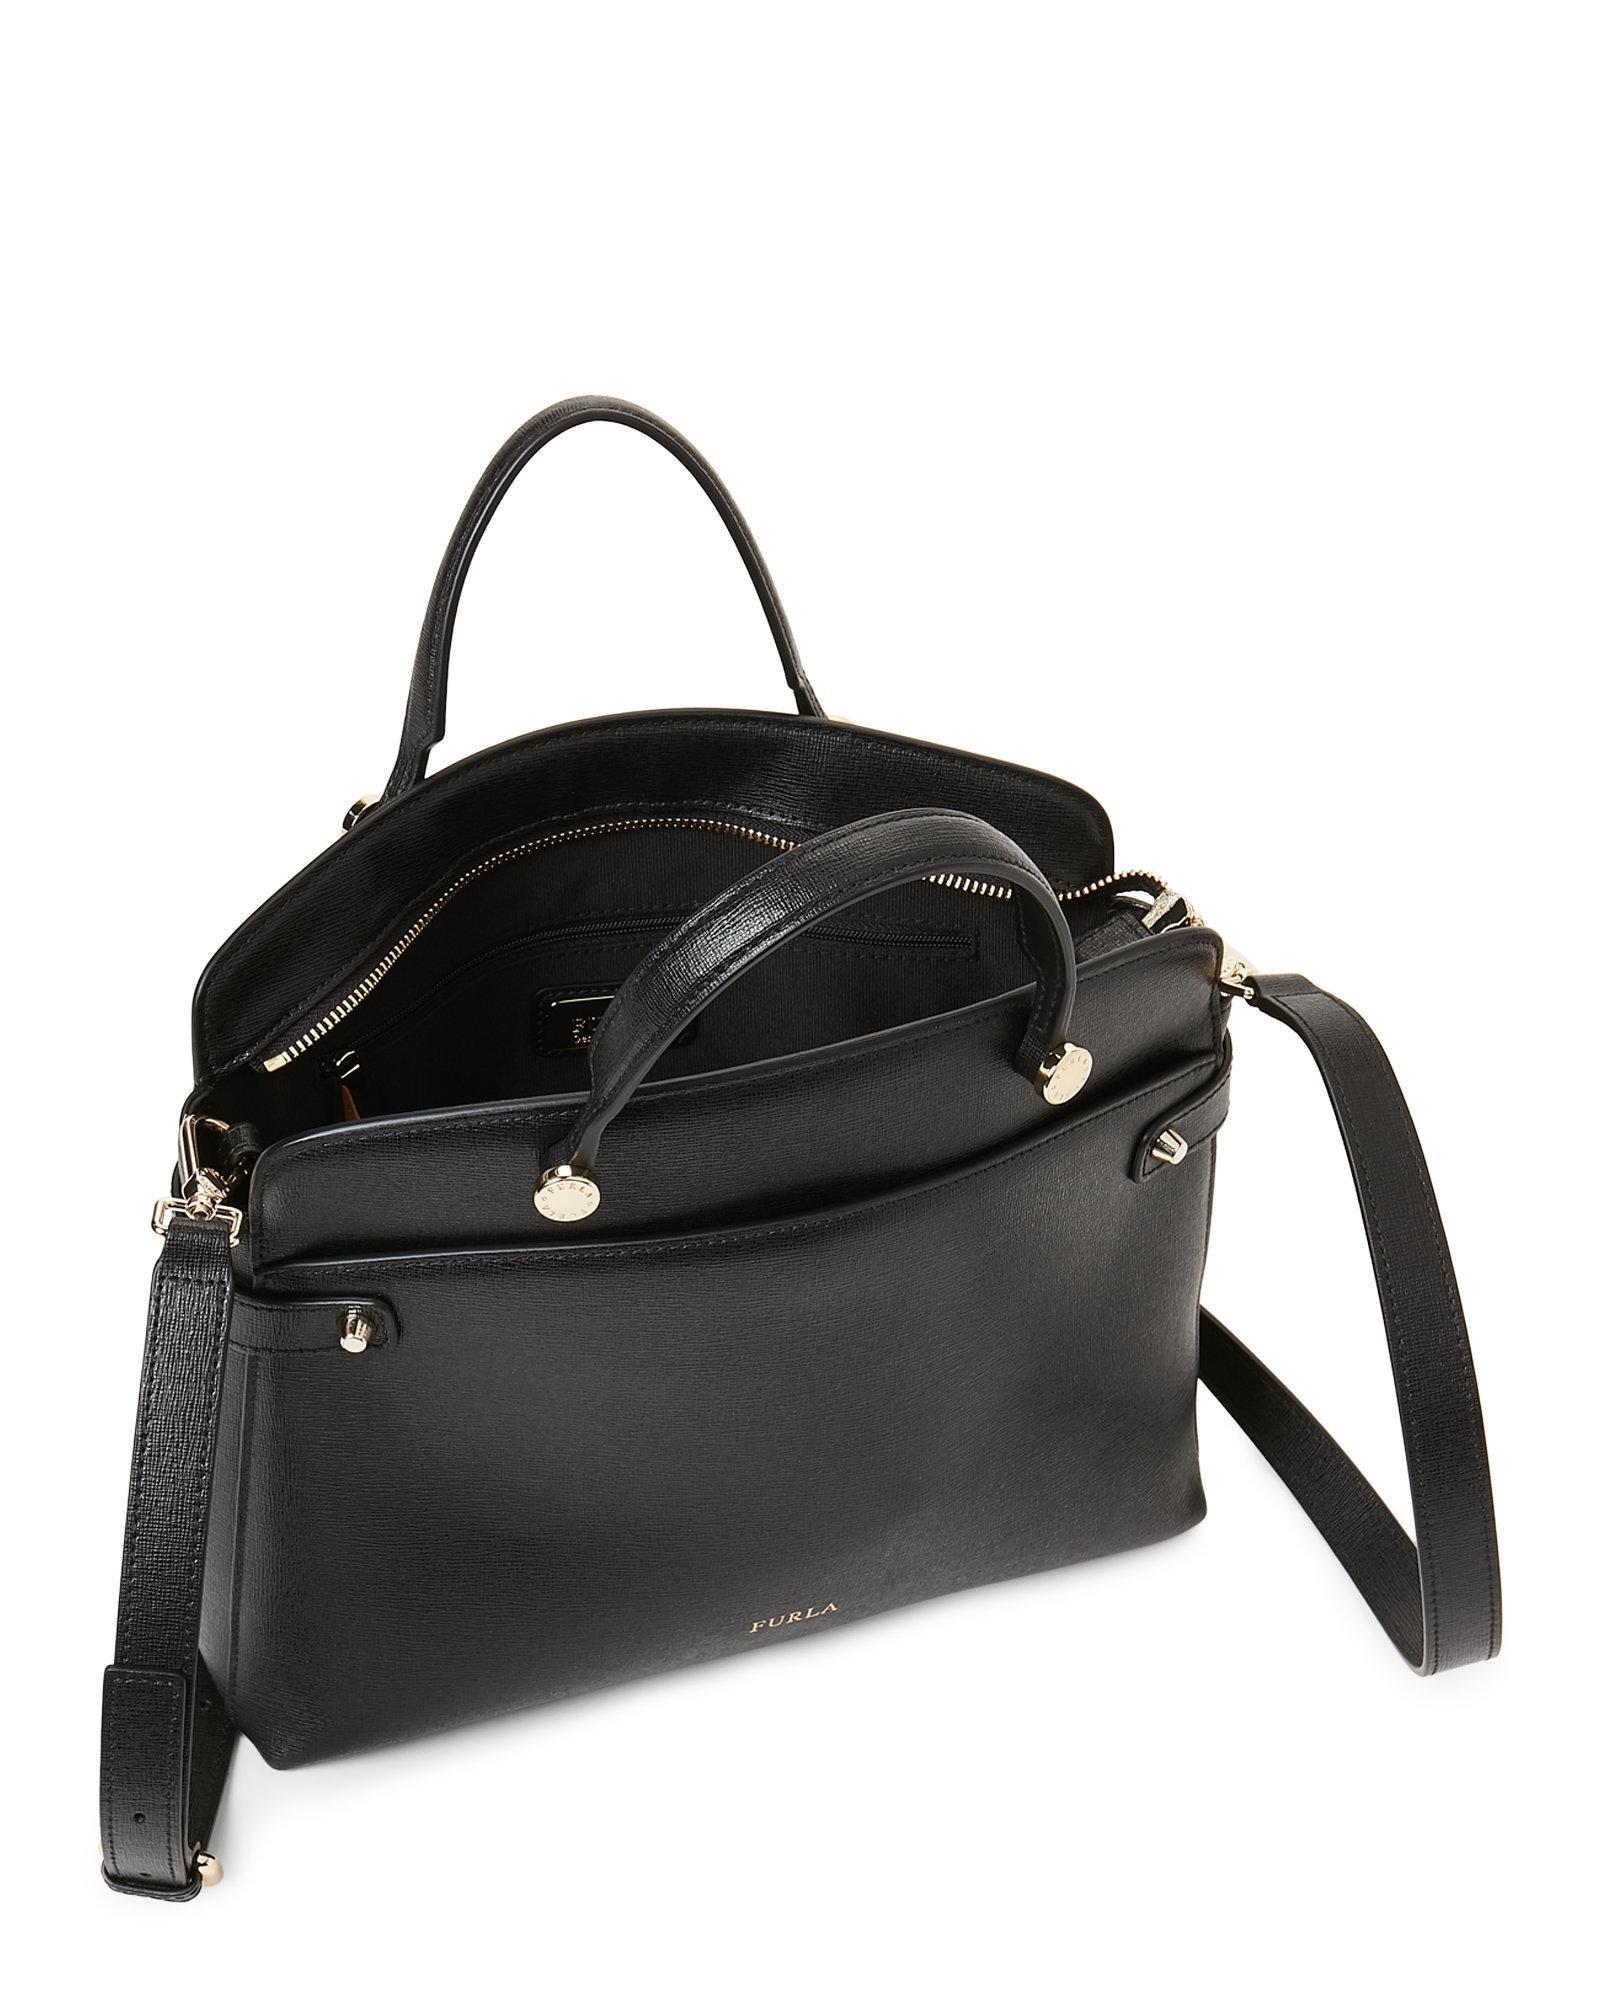 Tote Lyst Black Agata Medium Furla In Leather p8rw8I